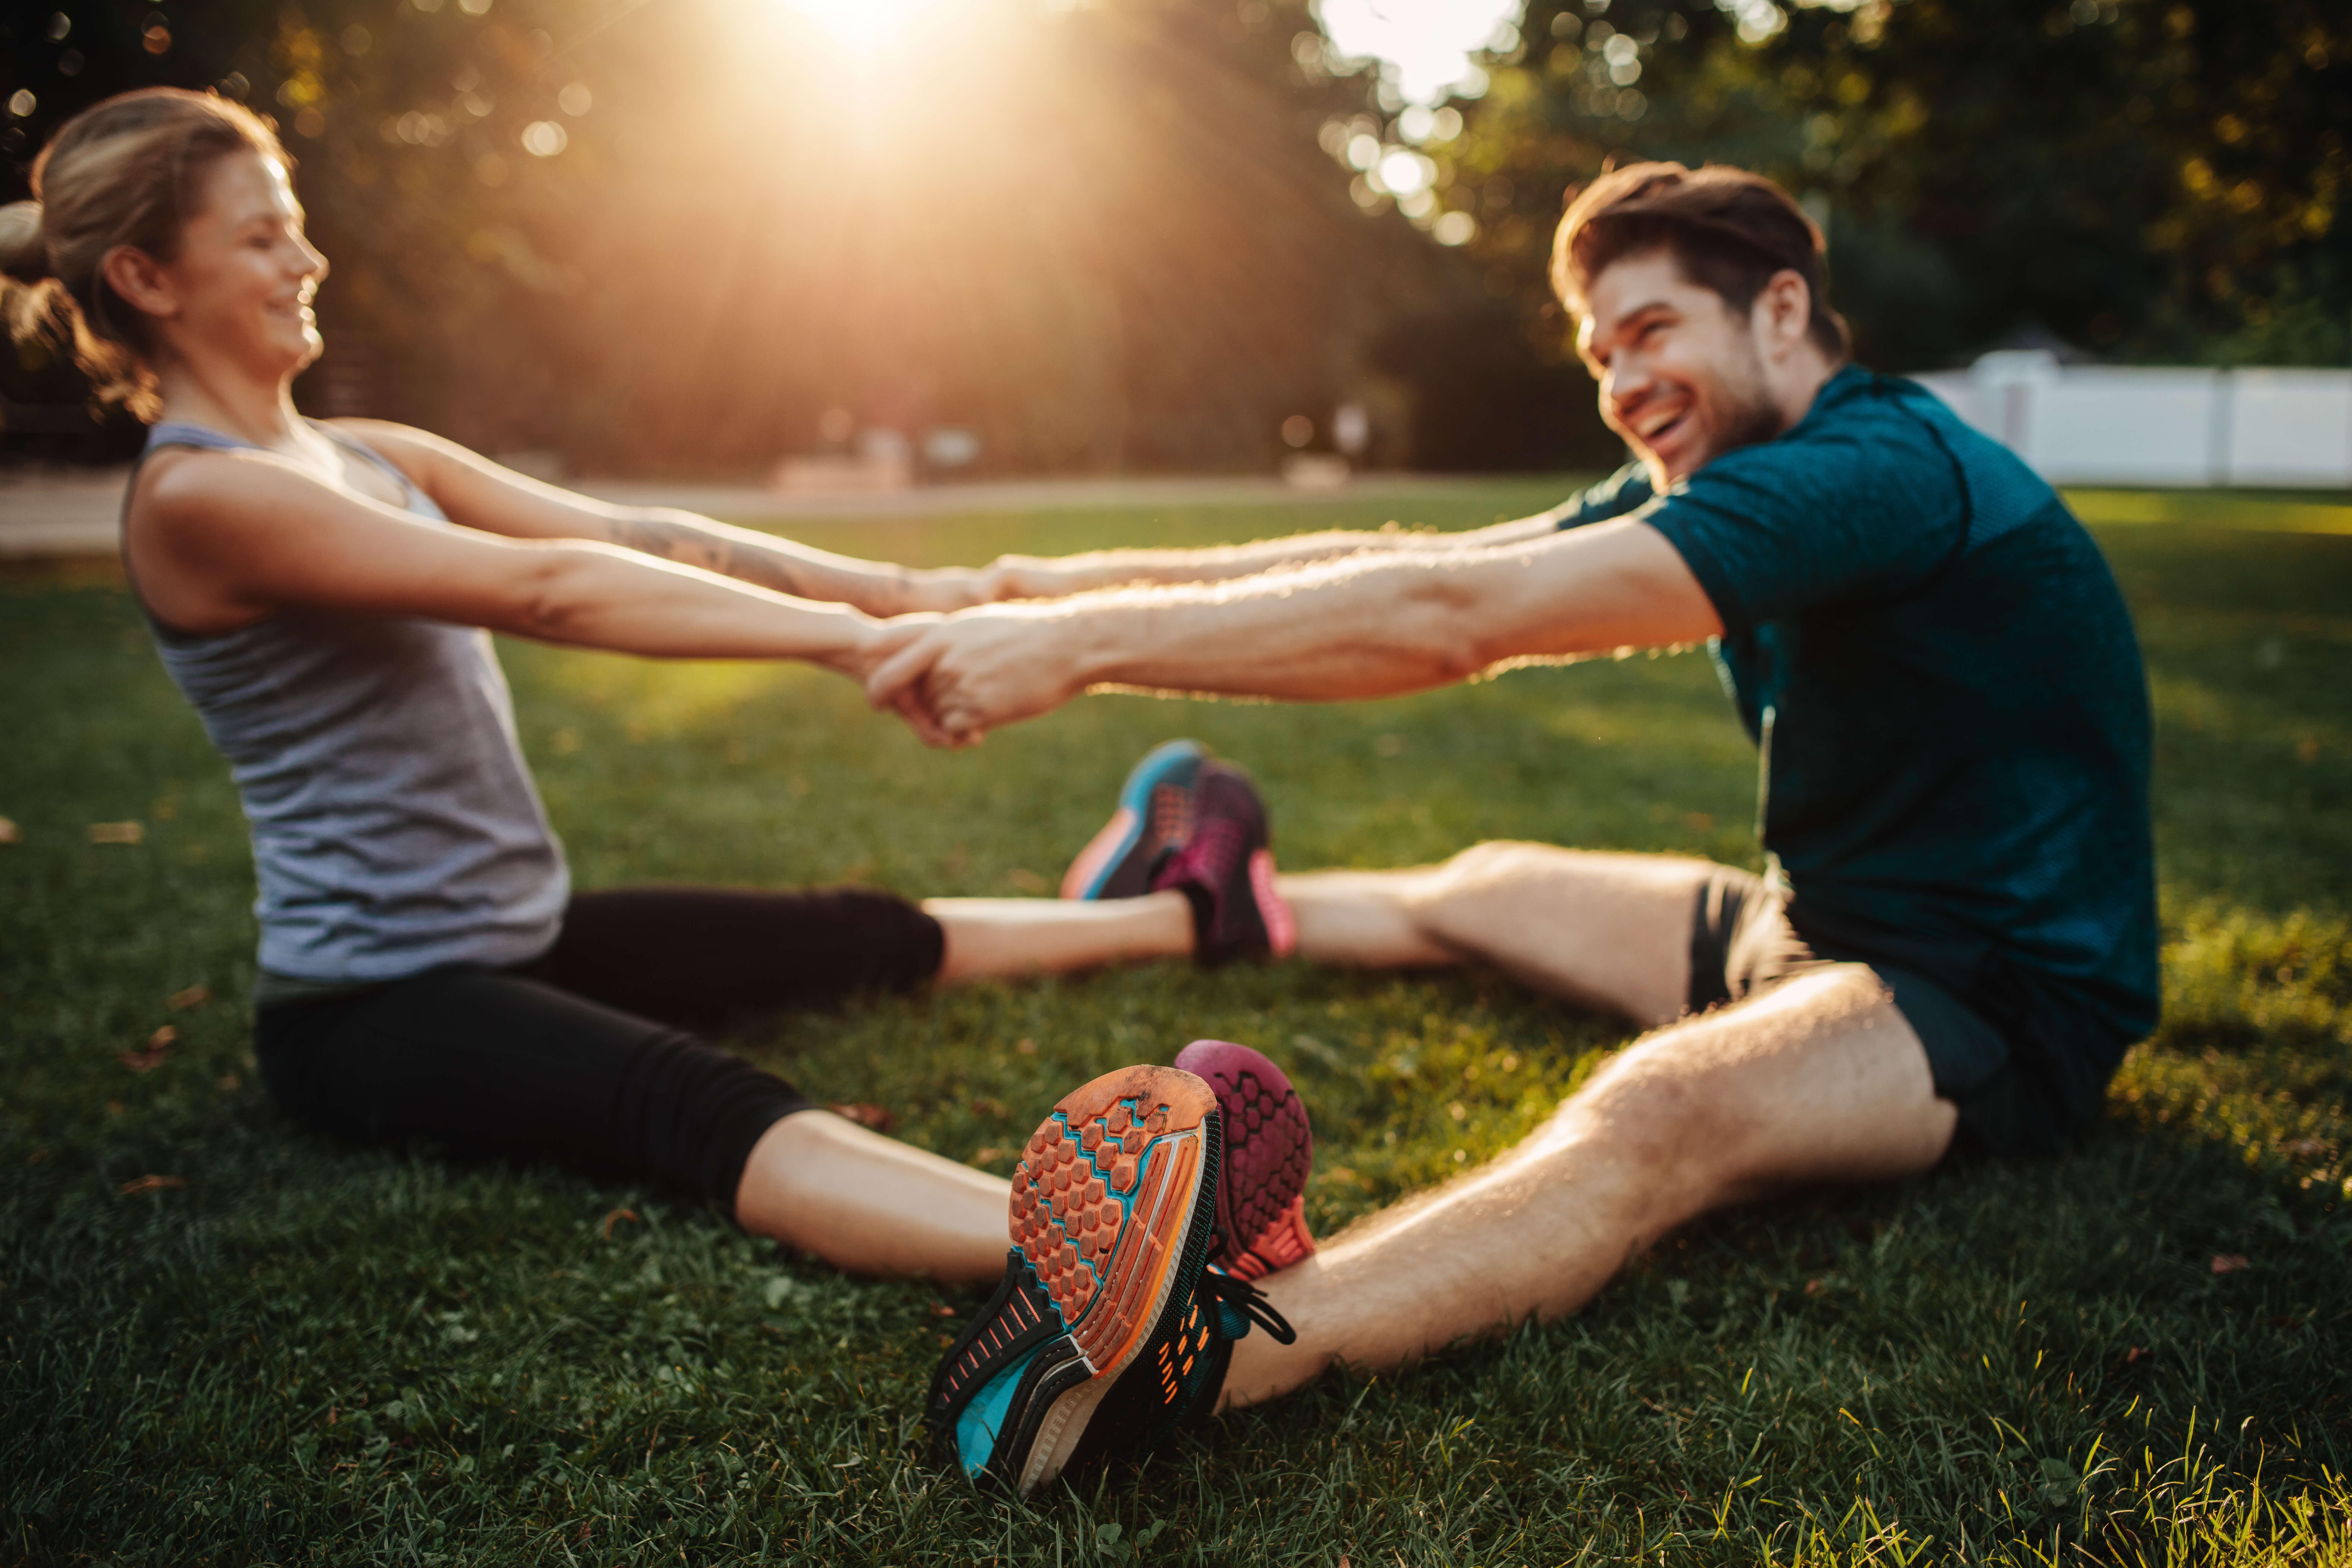 2019.7.24 英語ニュース記事:健康的な食事と運動が痴ほうのリスクを下げる